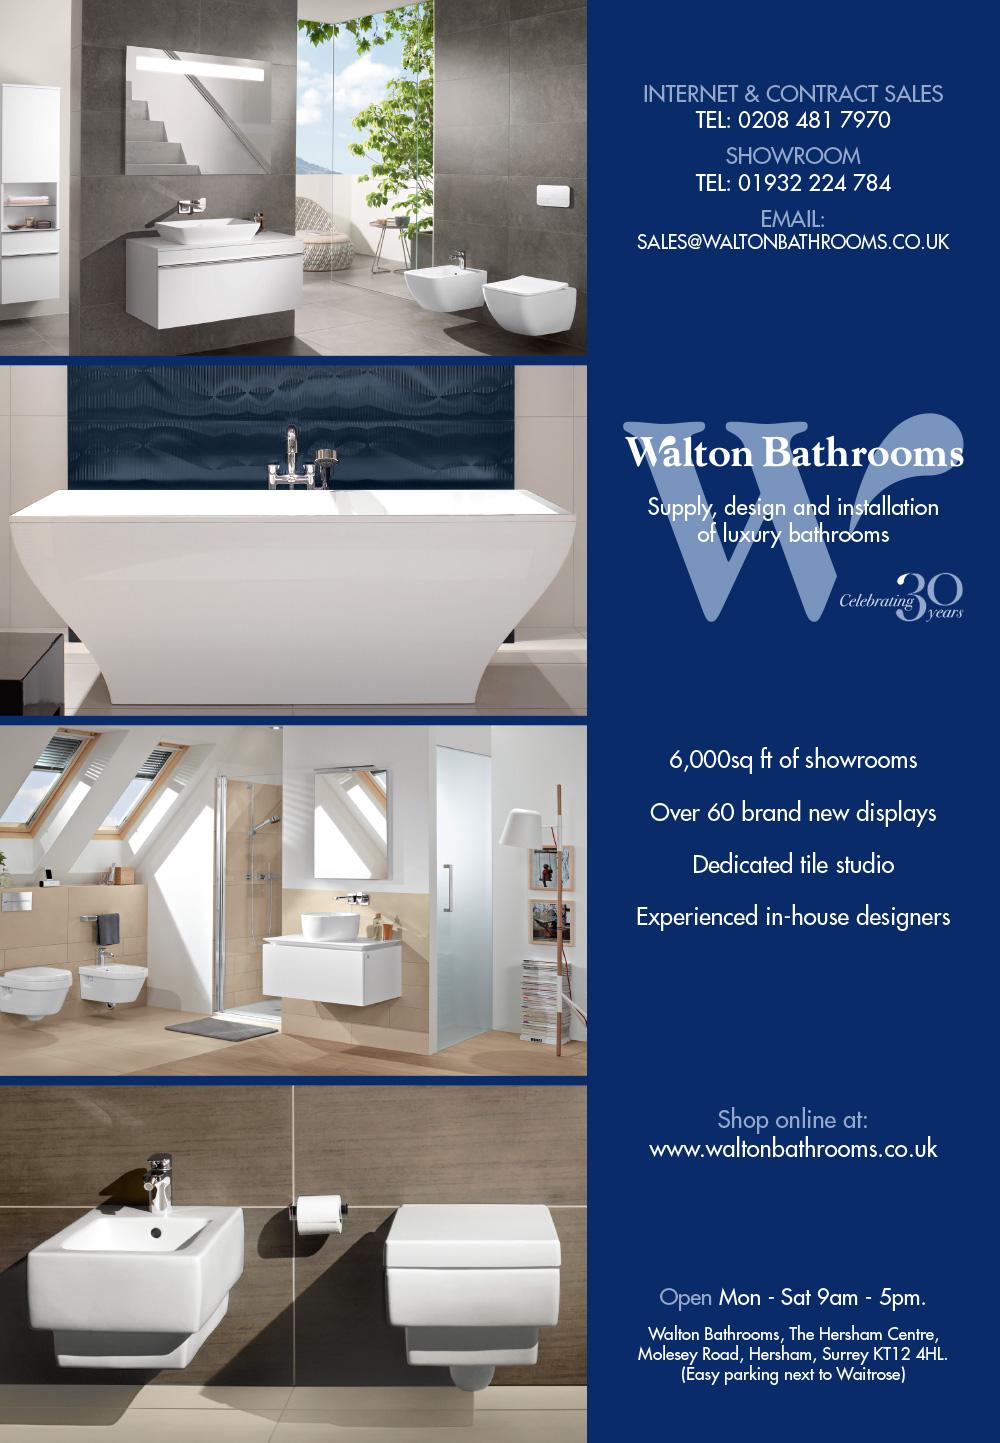 Walton Bathrooms